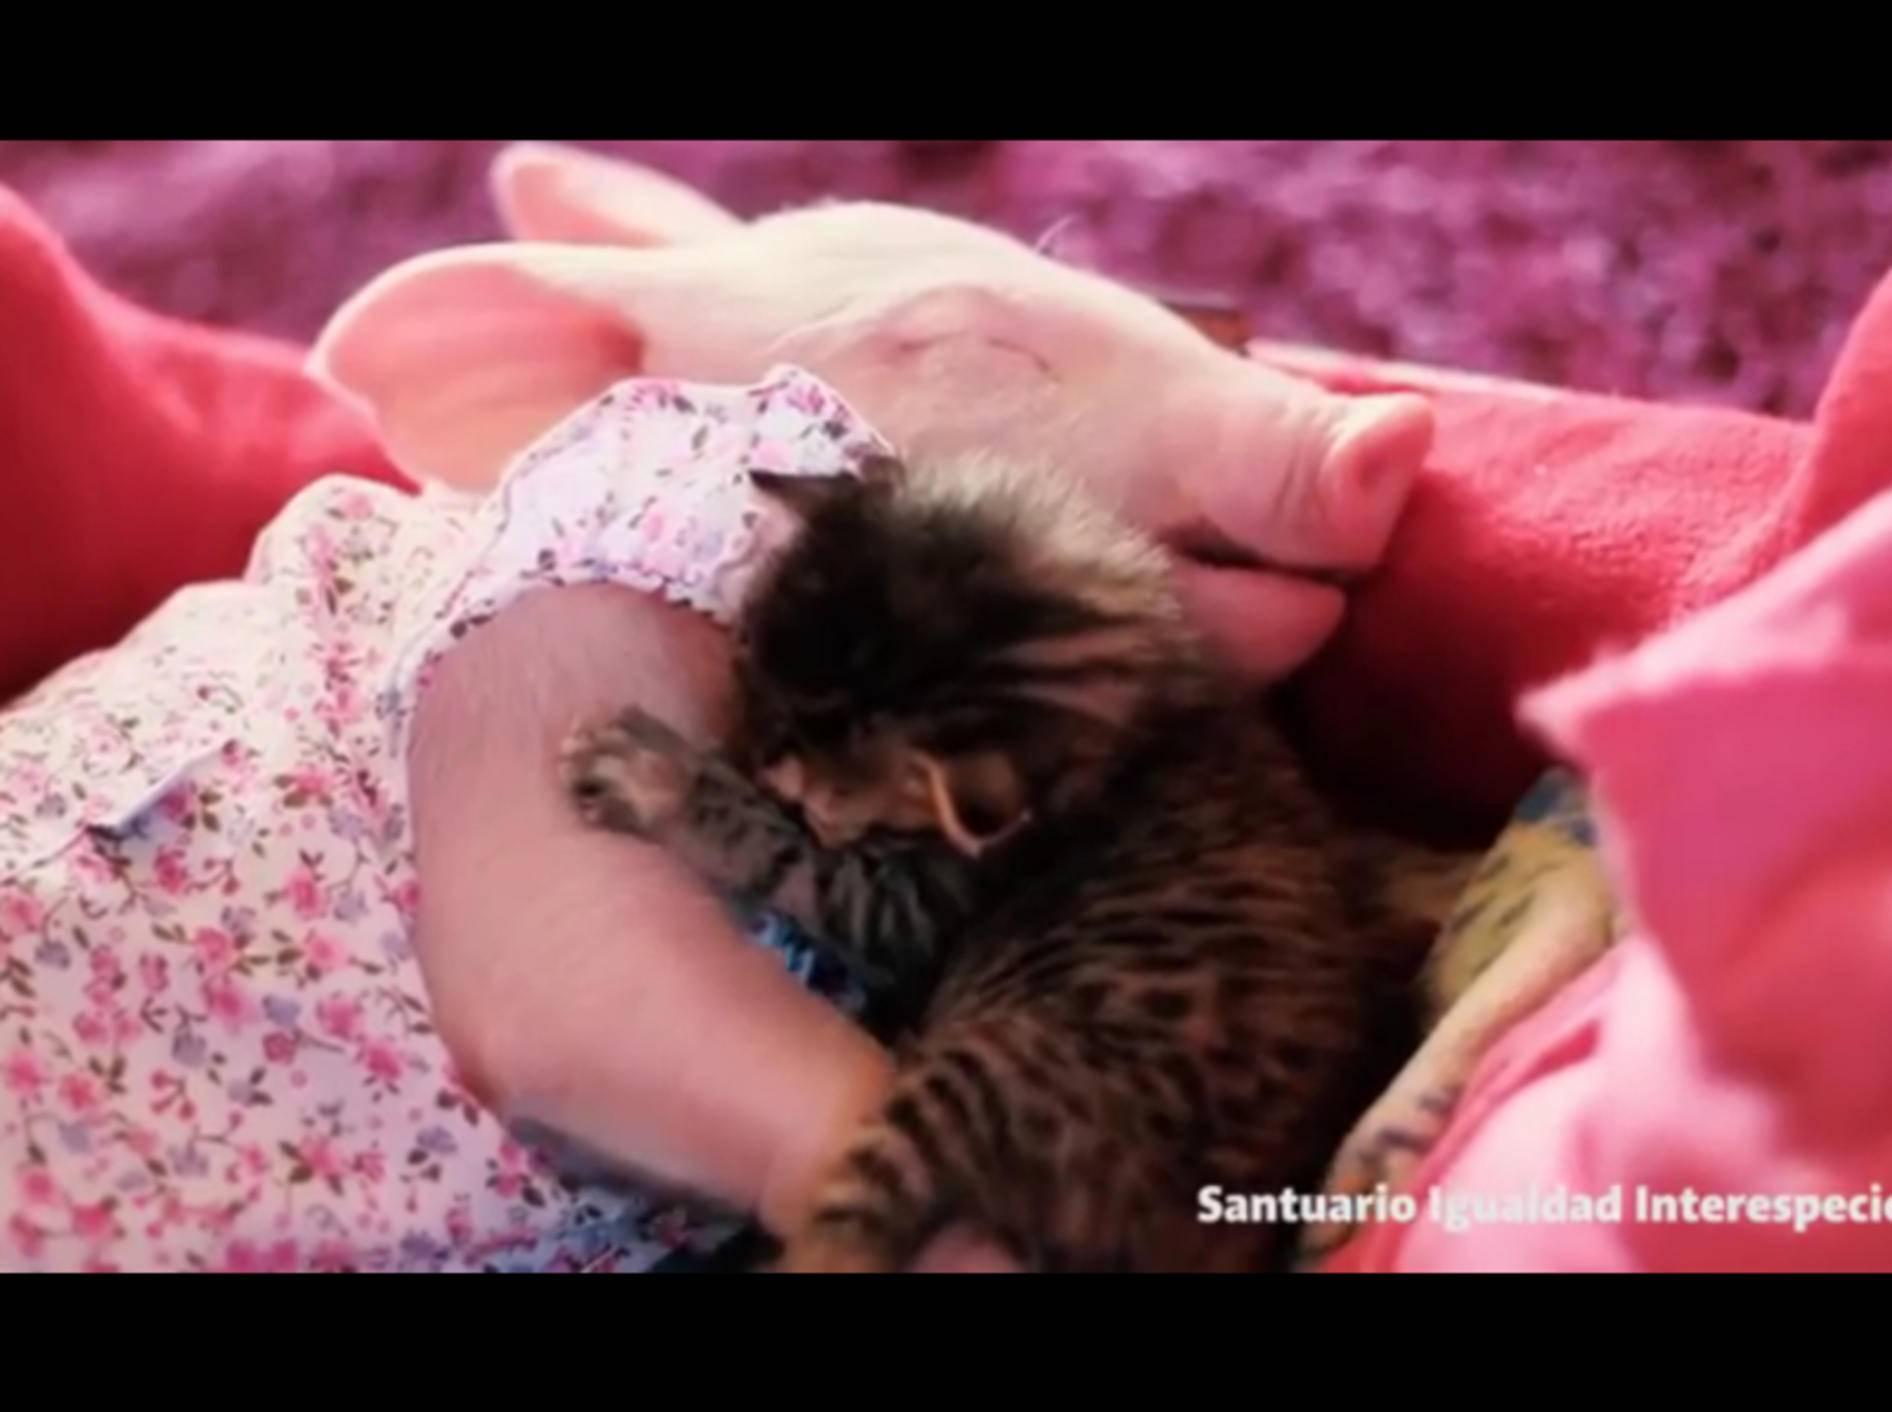 Ferkel und Kätzchen schmusen und schlafen gemeinsam ein – YouTube / Santuario Igualdad Interespecie